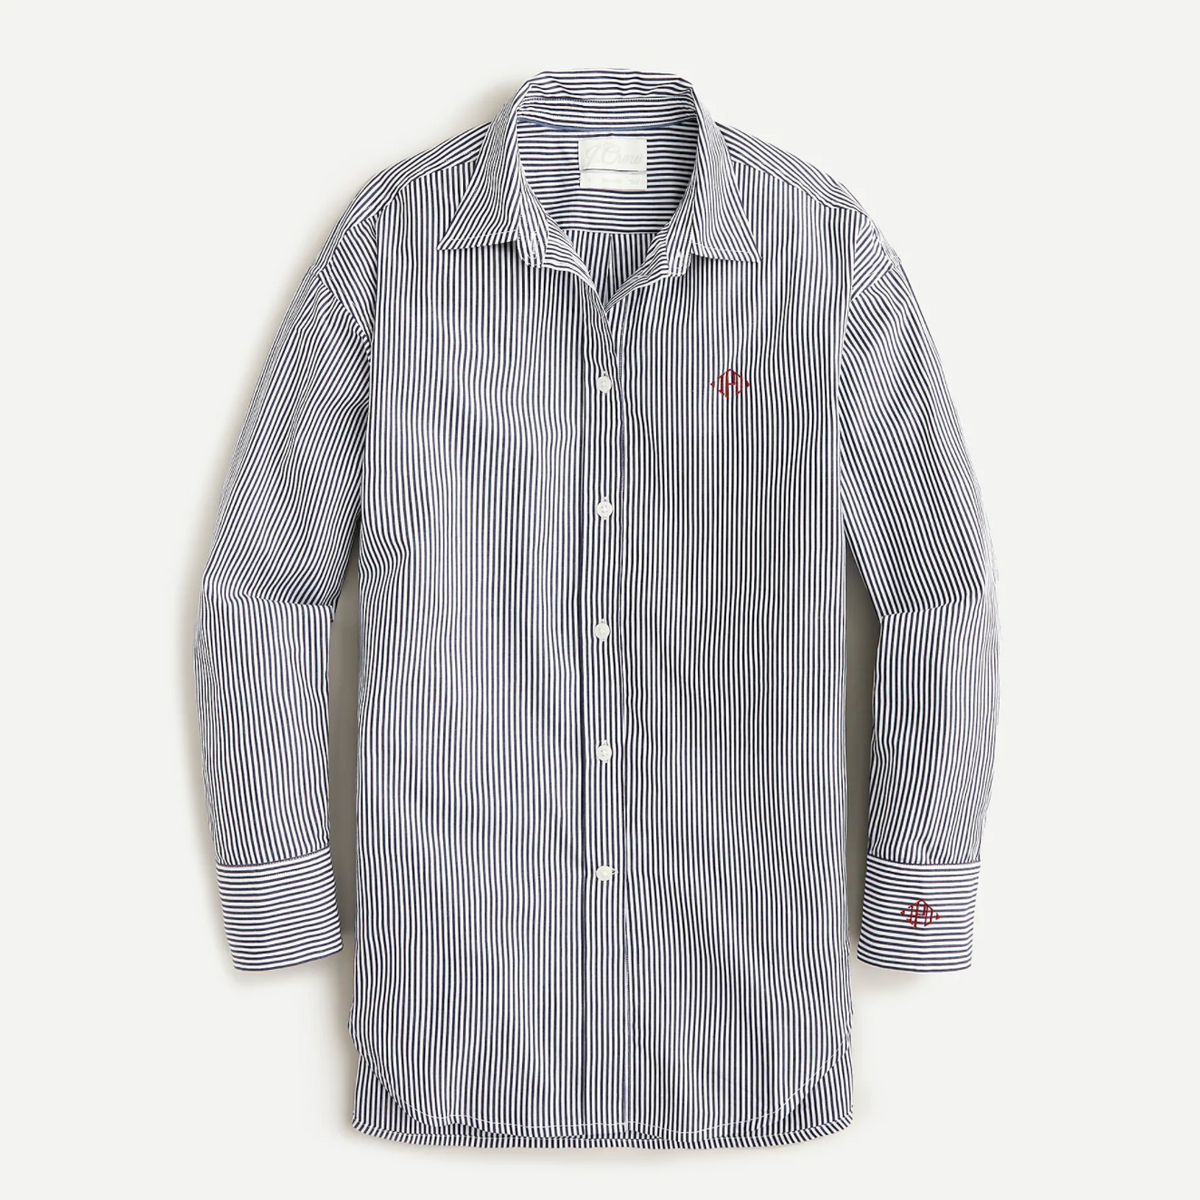 Relaxed Fit Crisp Cotton Poplin Shirt